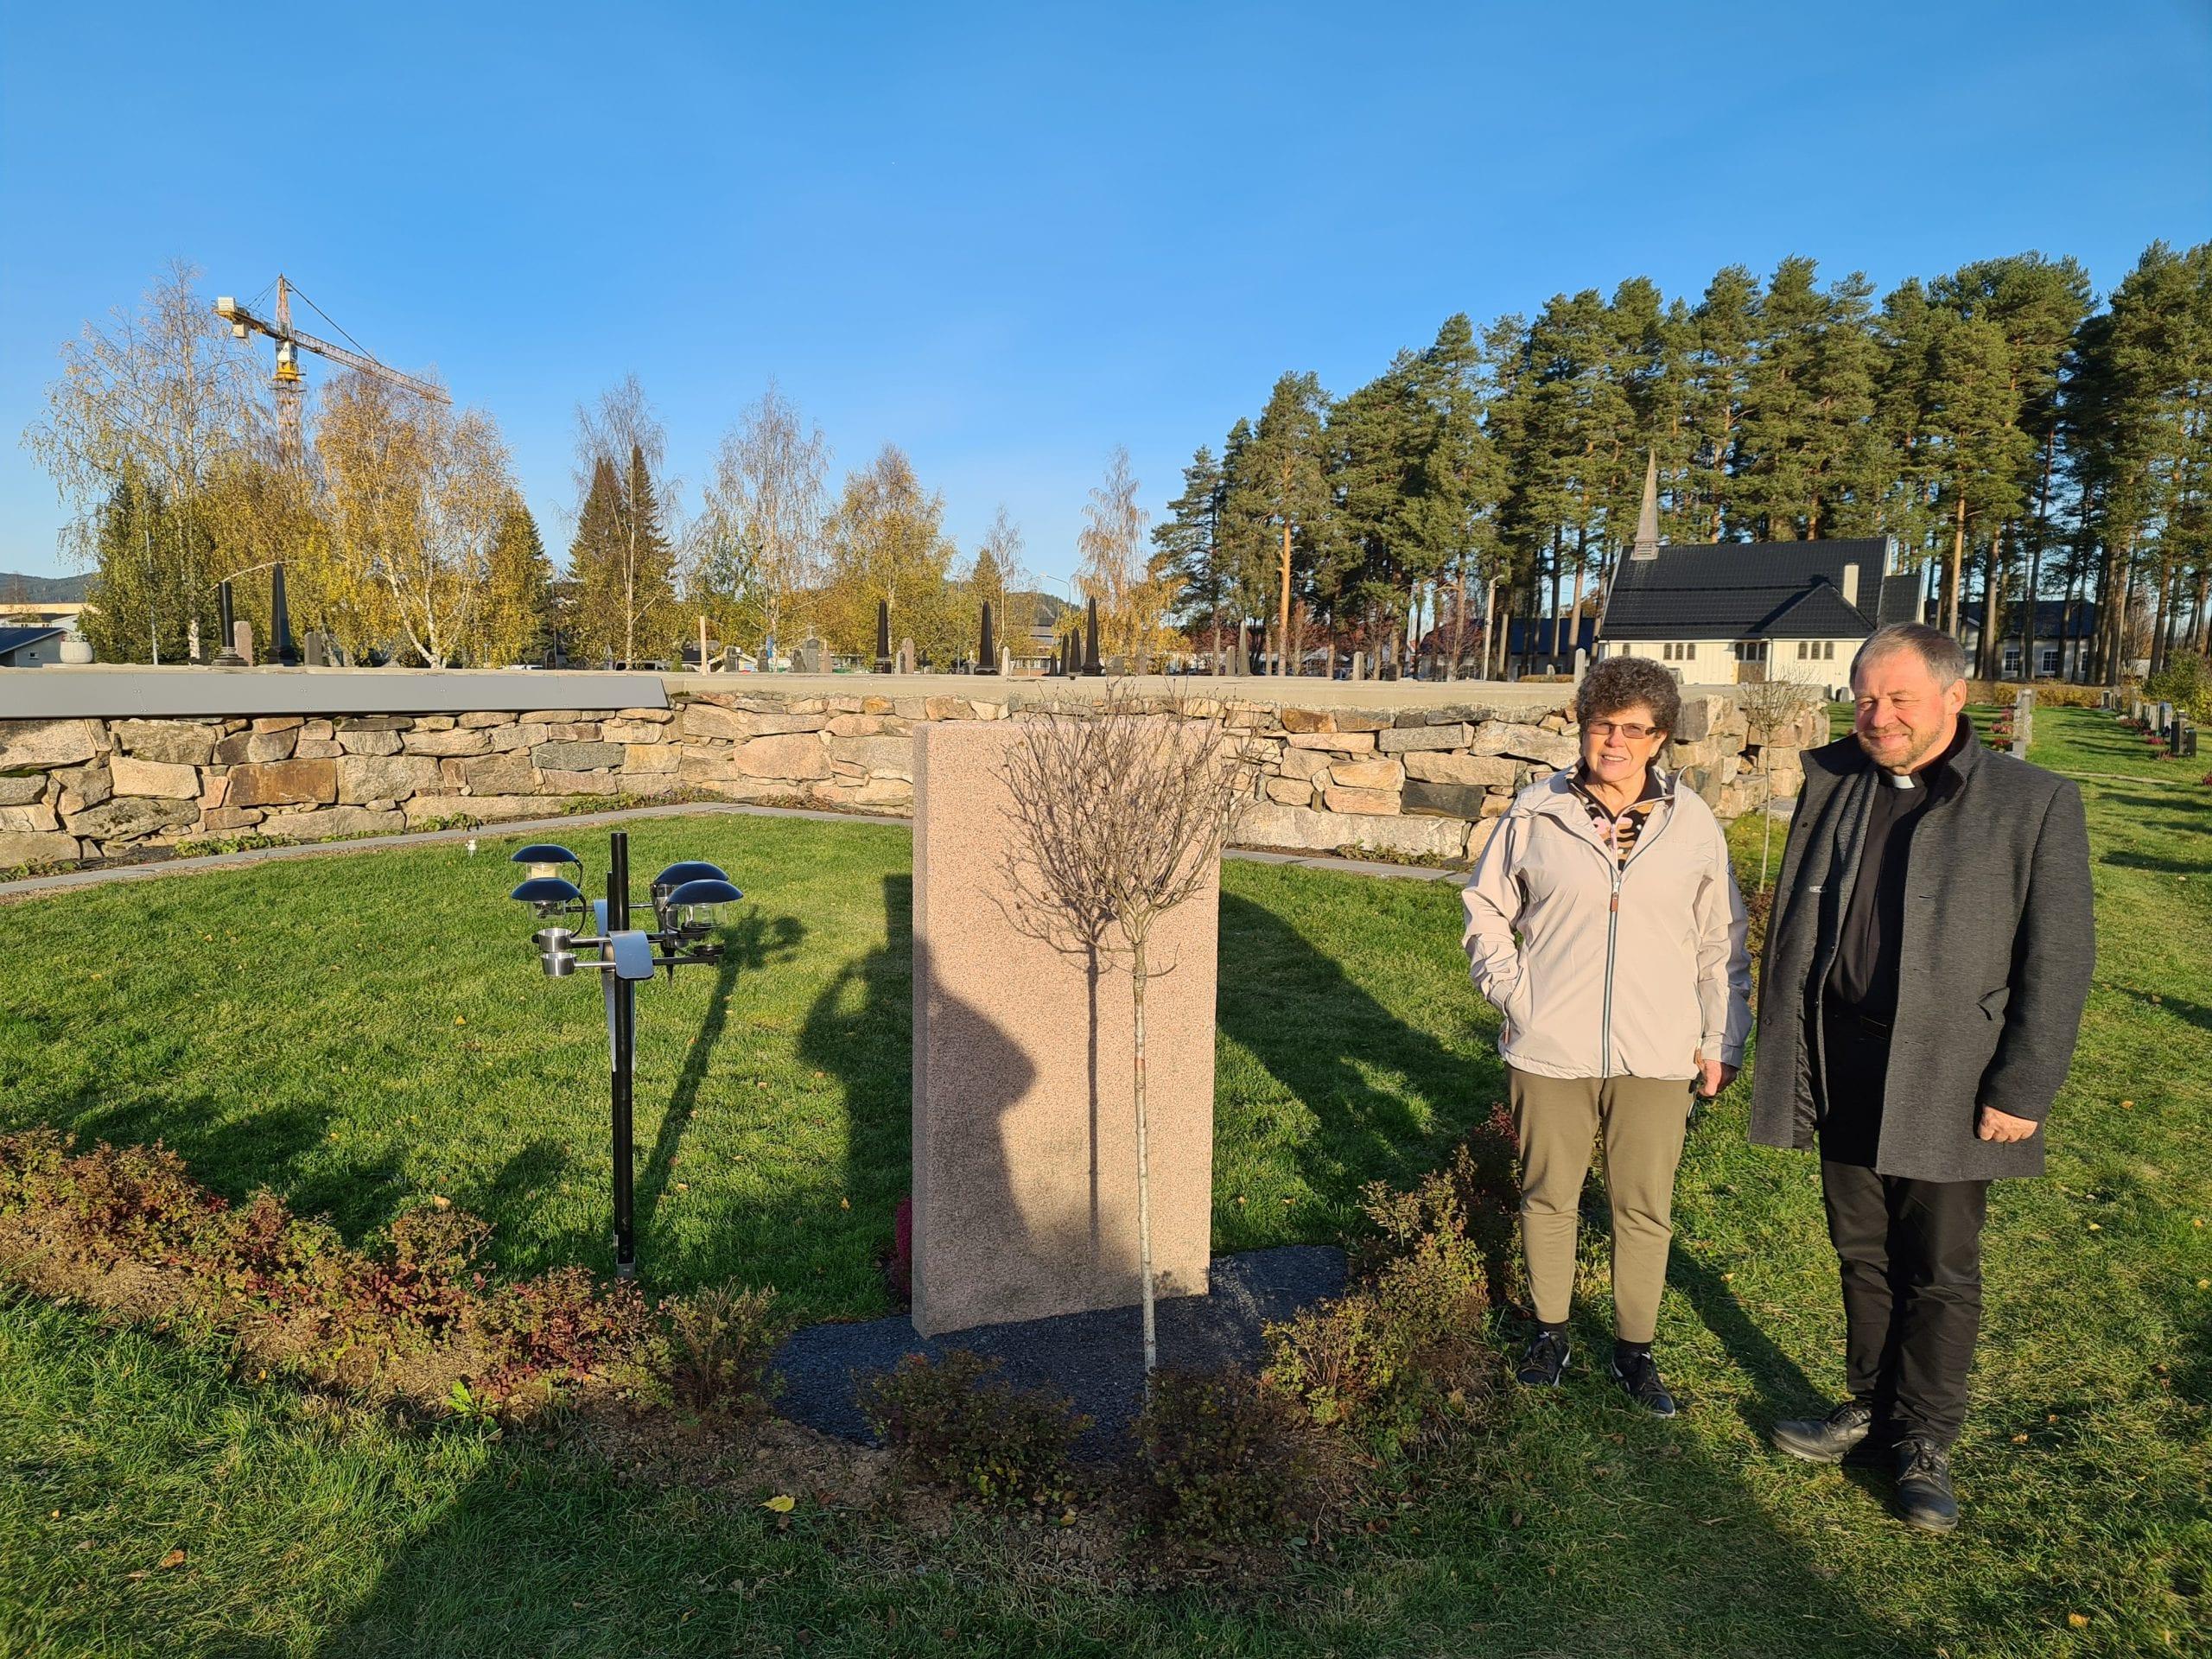 NAVNET MINNELUND: Ved den gamle kirkemuren er det etablert en navnet minnelund i Våler. Kirkeverge Marit Kilen og sokneprest Einar Vannebo forteller om etterspørsel etter et slikt gravsted i Våler. Flere urner er allerede senket.